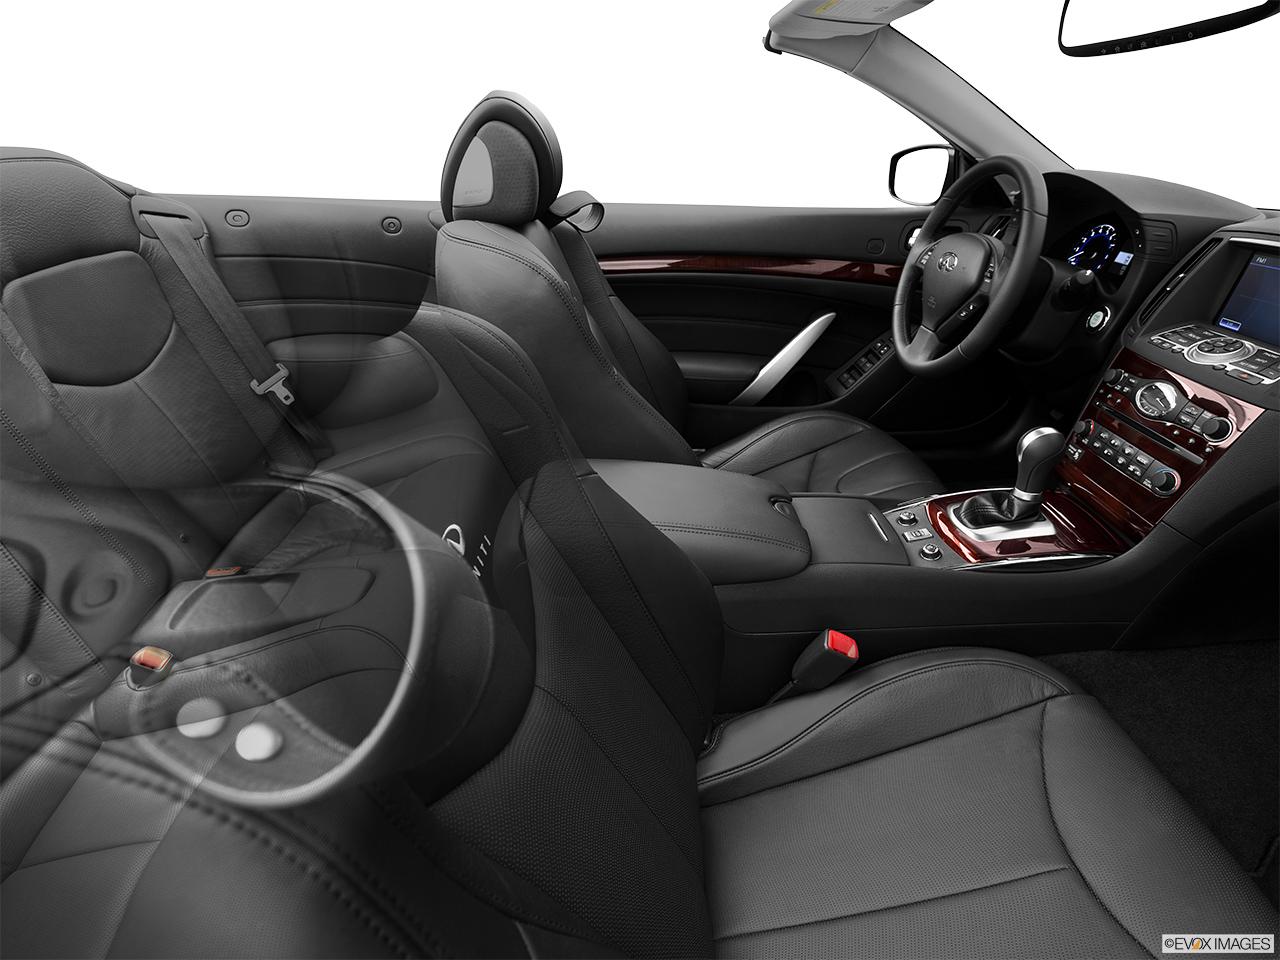 infiniti g37 convertible interior. 2013 infiniti g37 convertible 2 door base fake buck shot interior from passenger b